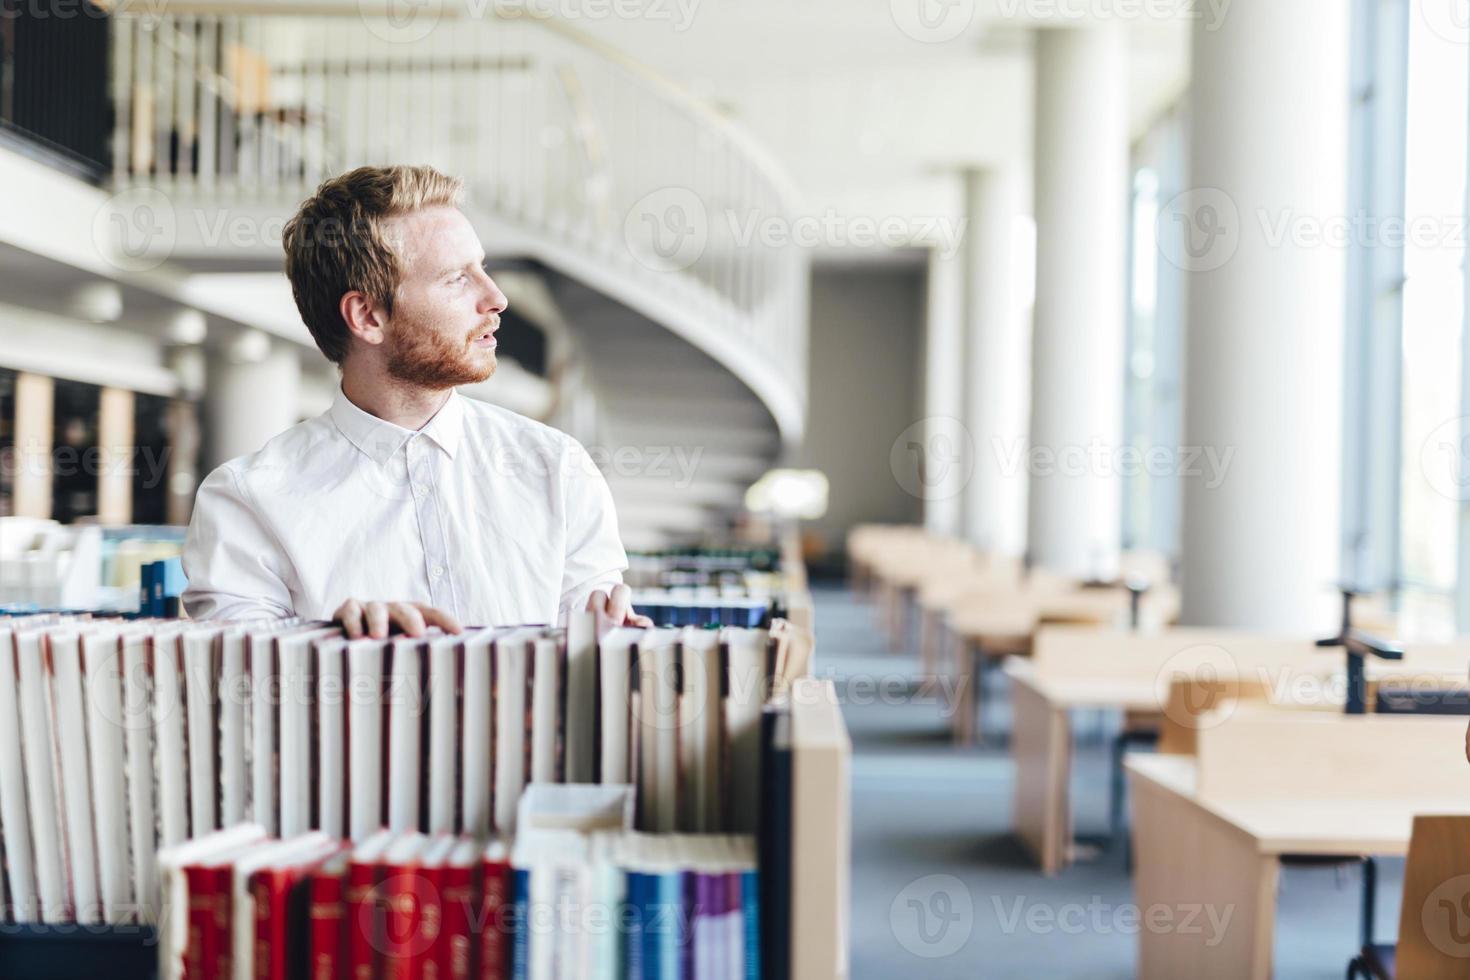 hübscher Student auf der Suche nach einem Buch in einer Bibliothek foto